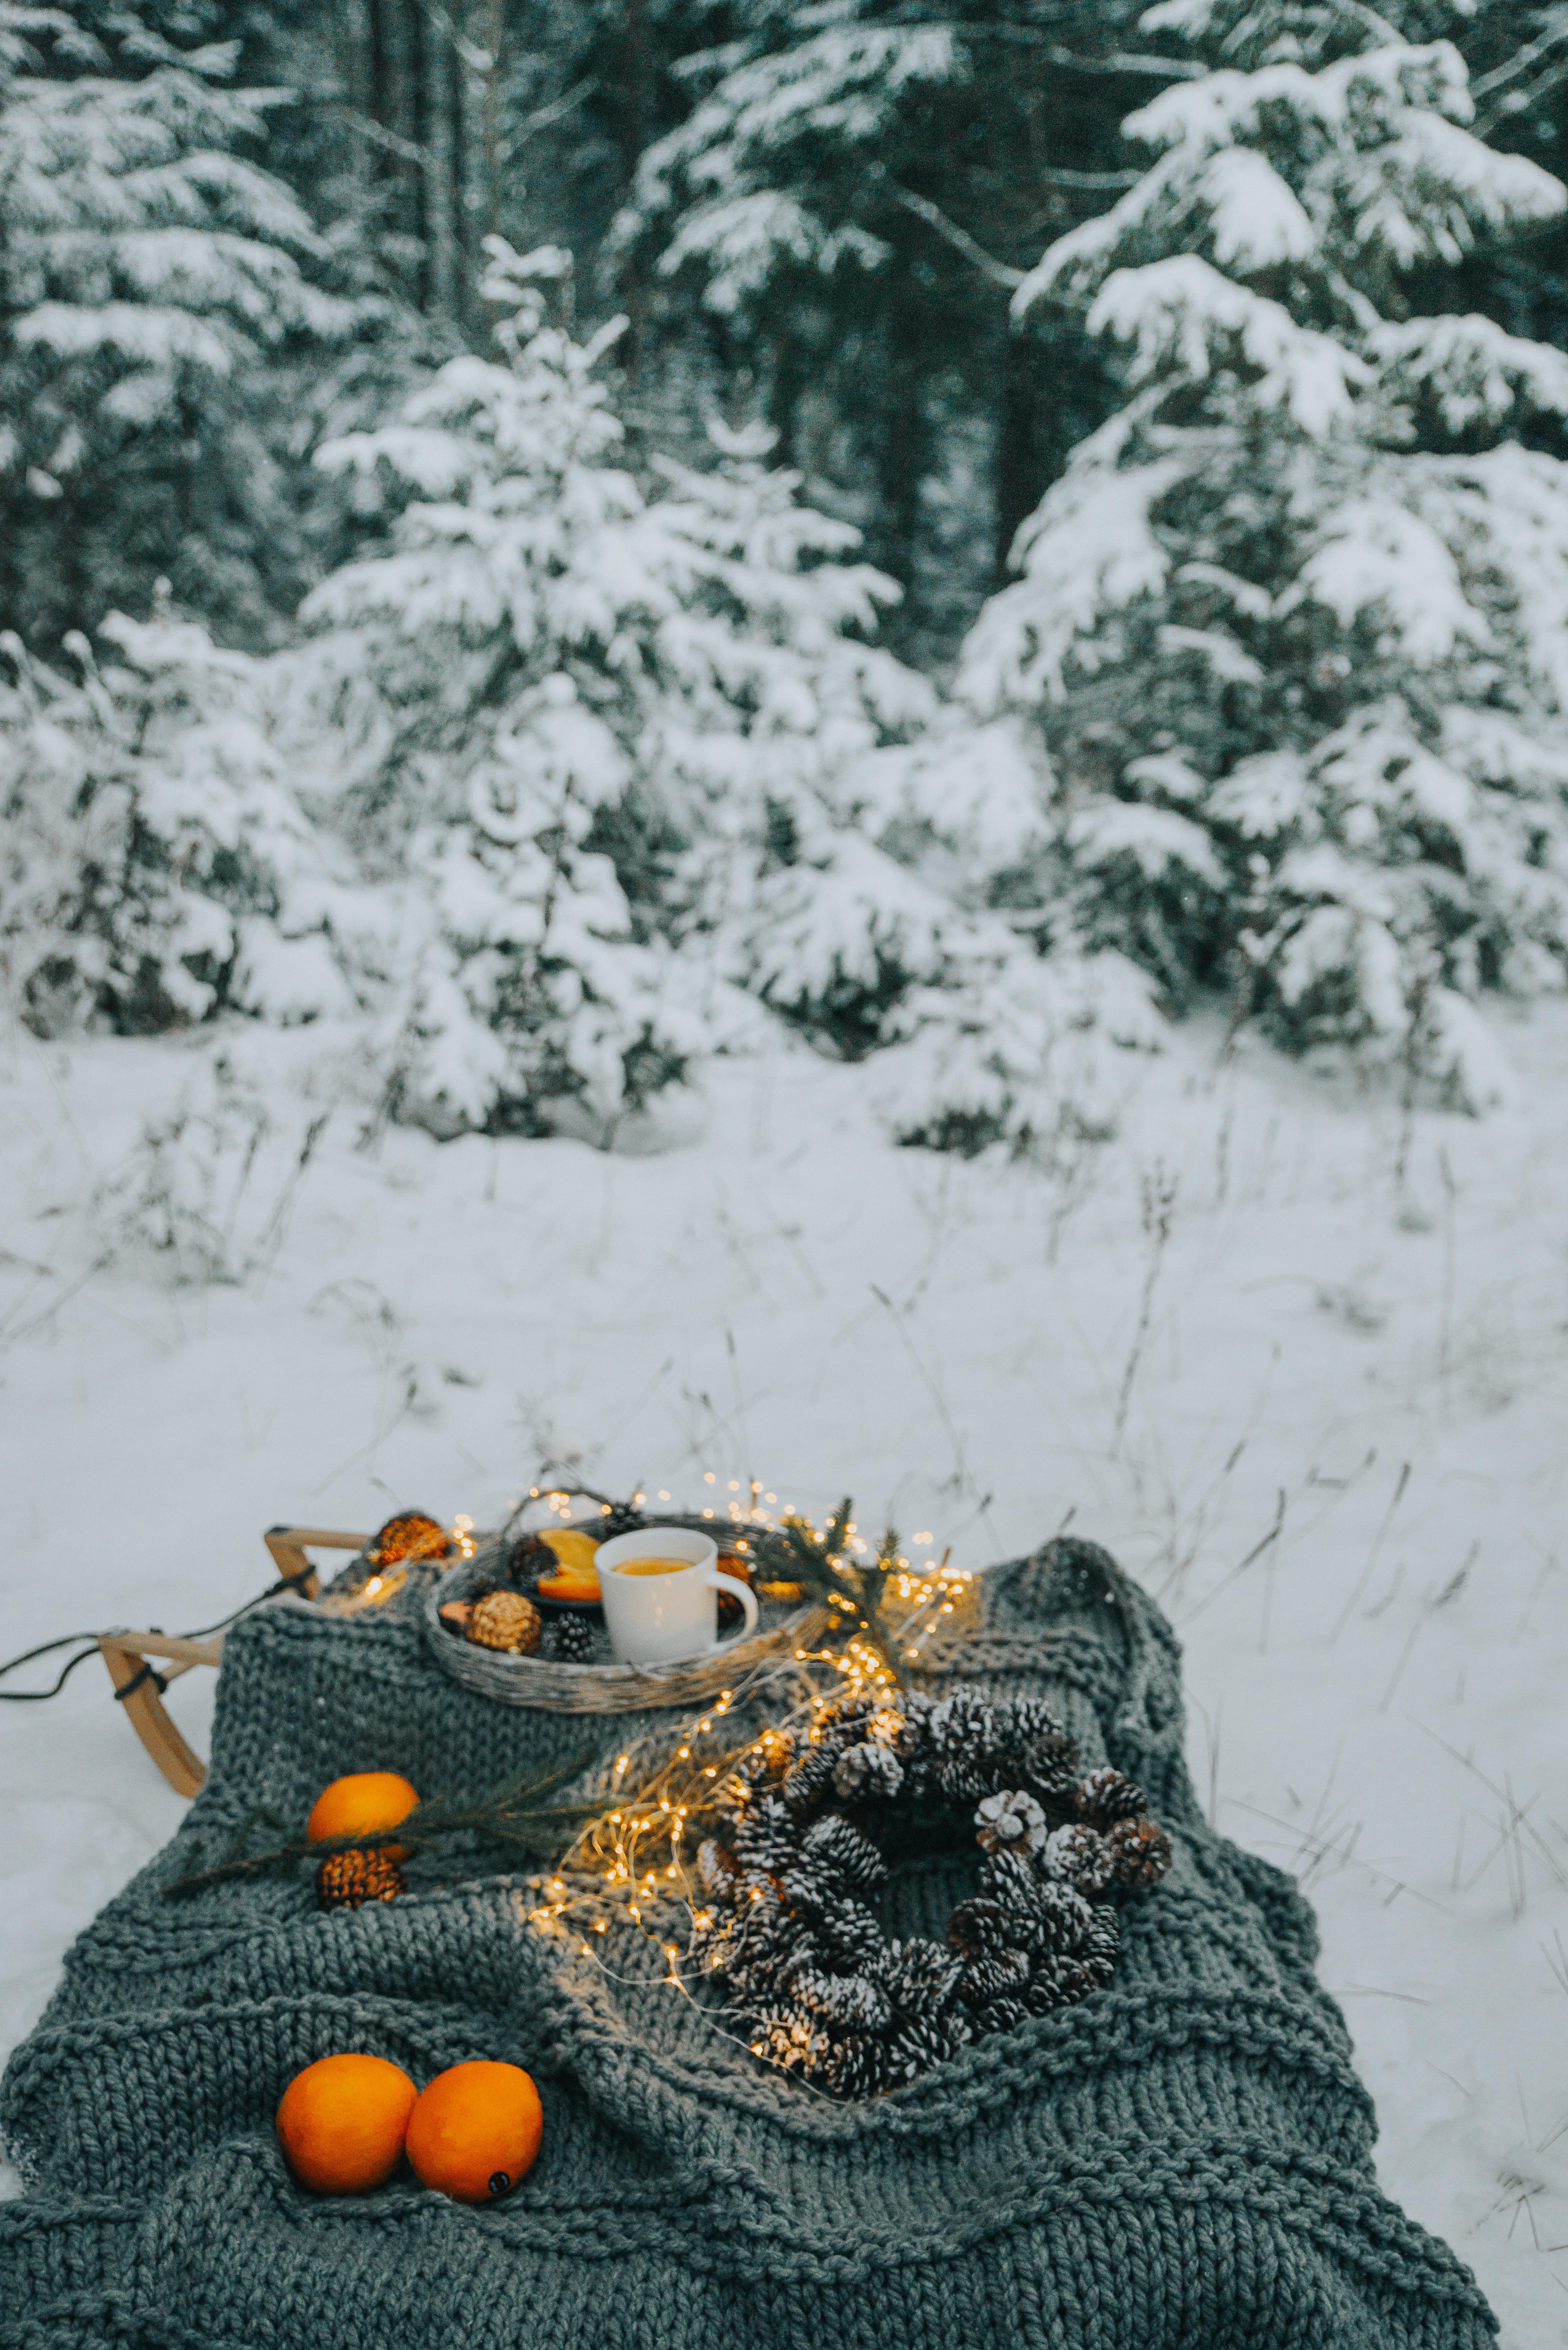 80279 Hintergrundbild 540x960 kostenlos auf deinem Handy, lade Bilder Weihnachten, Winterreifen, Lebensmittel, Schnee, Wald, Stimmung, Gemütlichkeit, Komfort, Picknick 540x960 auf dein Handy herunter